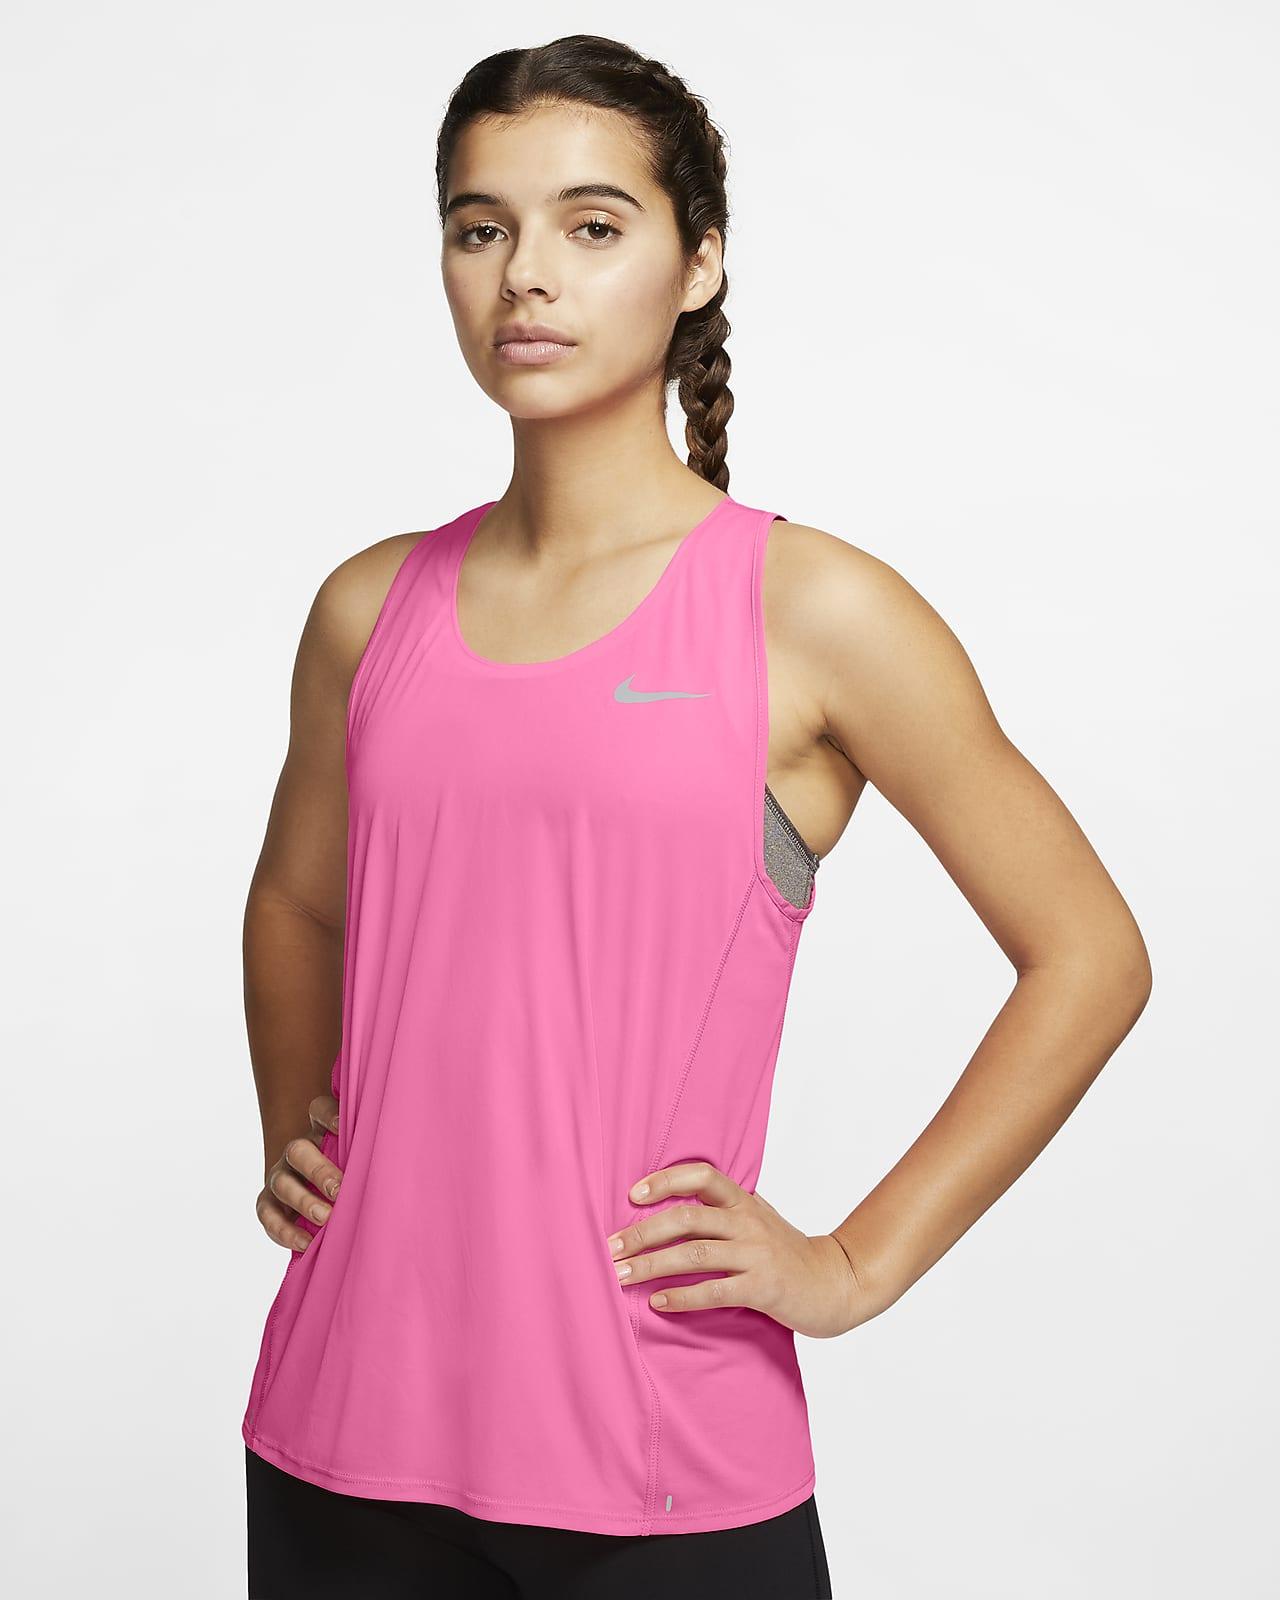 Женская беговая майка Nike